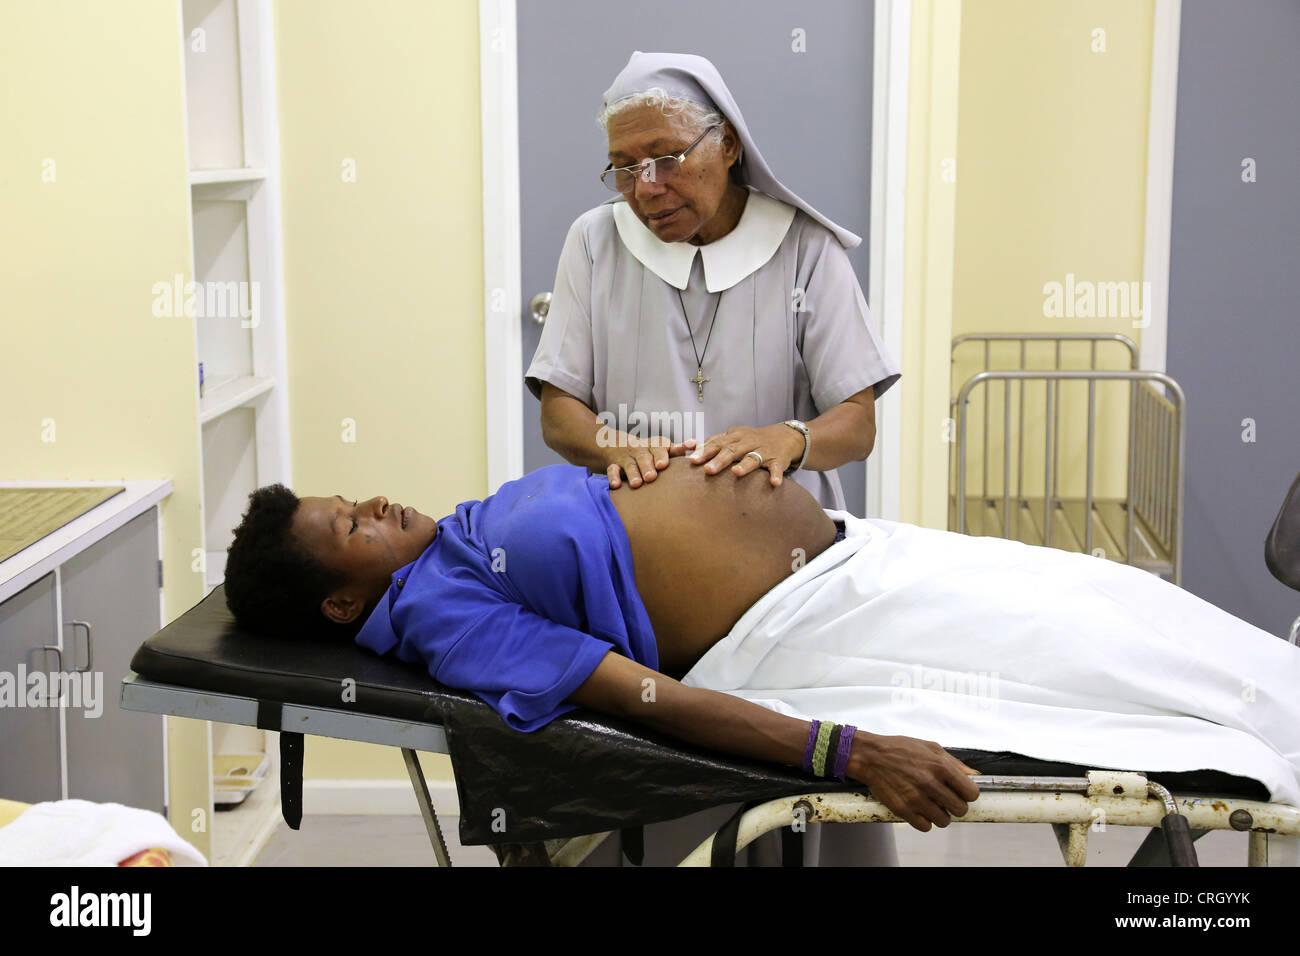 Katholischen Schwester und ausgebildete Hebamme untersucht hochschwangere Frau Patienten in der Entbindungsstation Stockbild